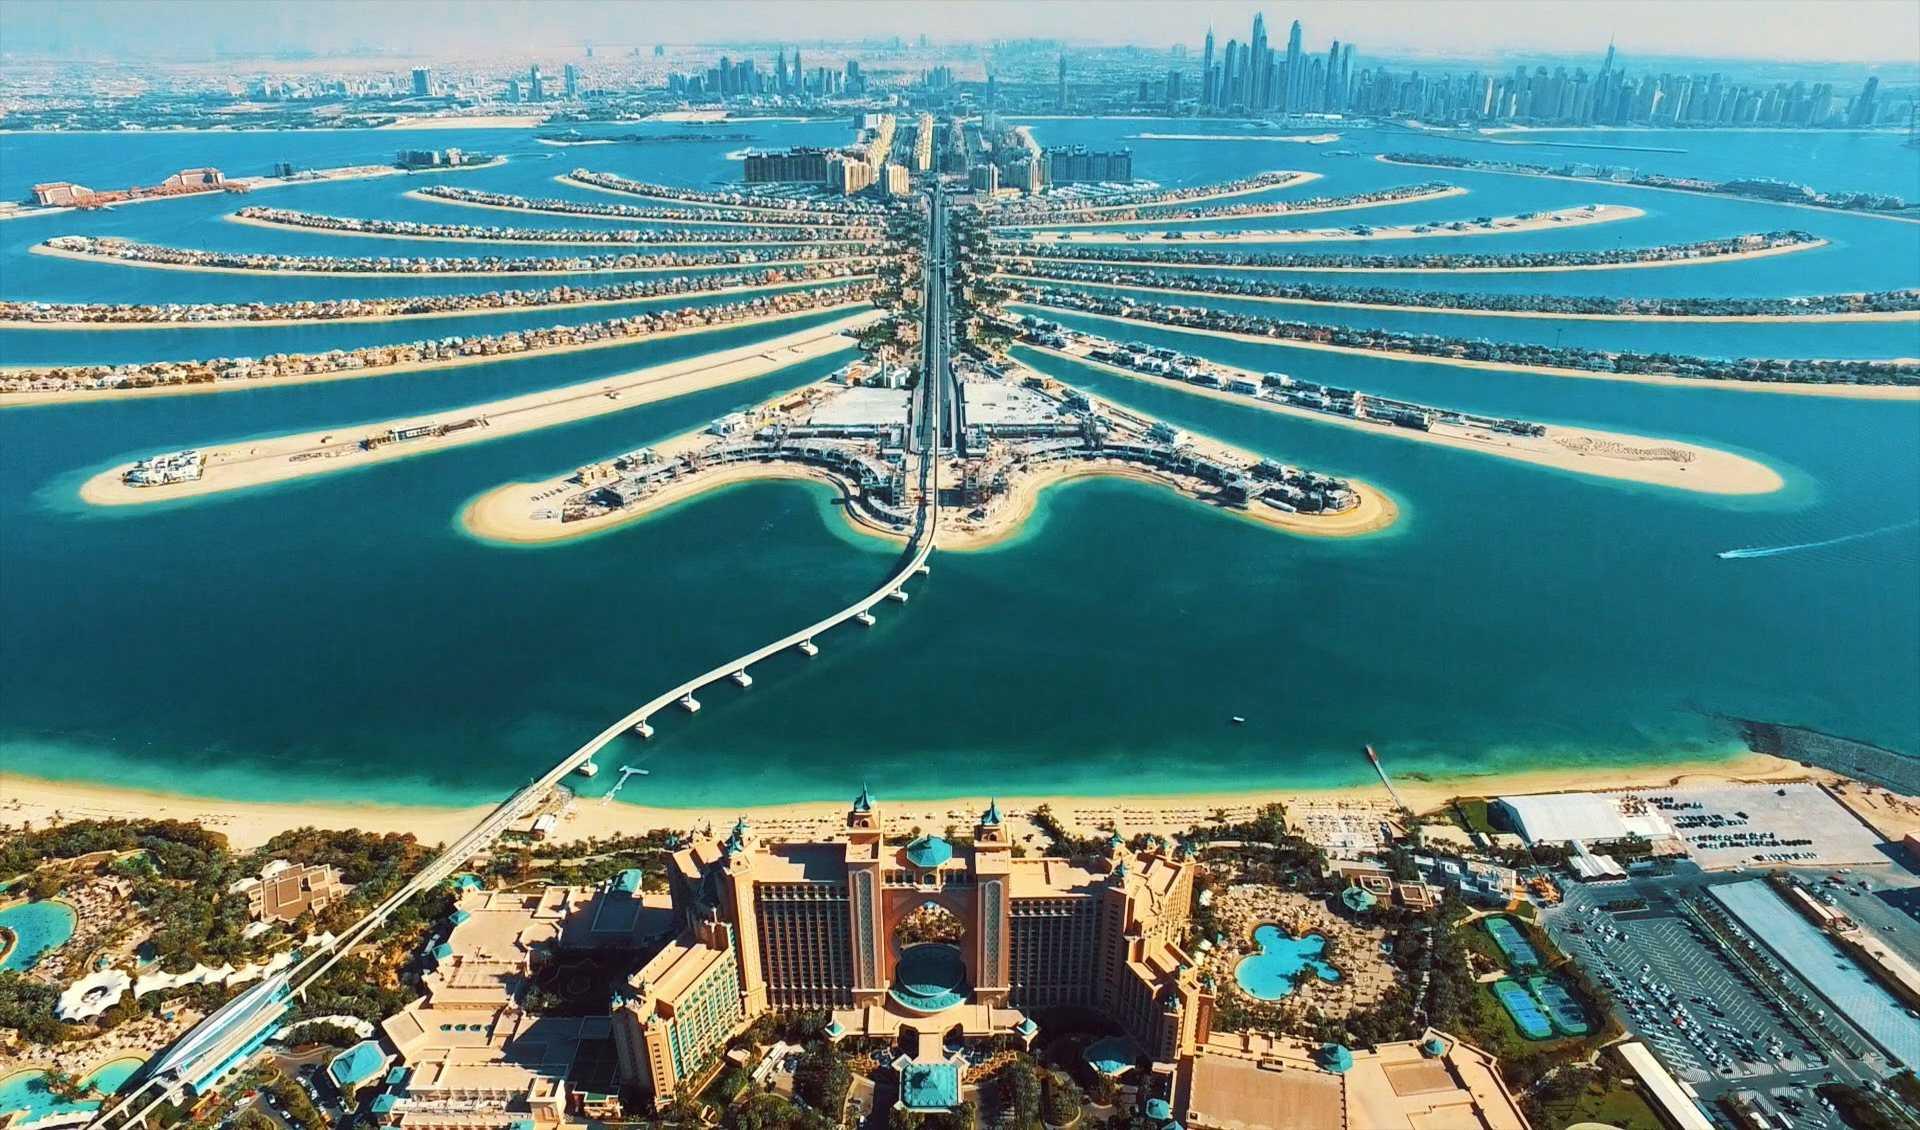 Дубай в ноябре отзывы туристов стоимость коммунальных услуг в греции